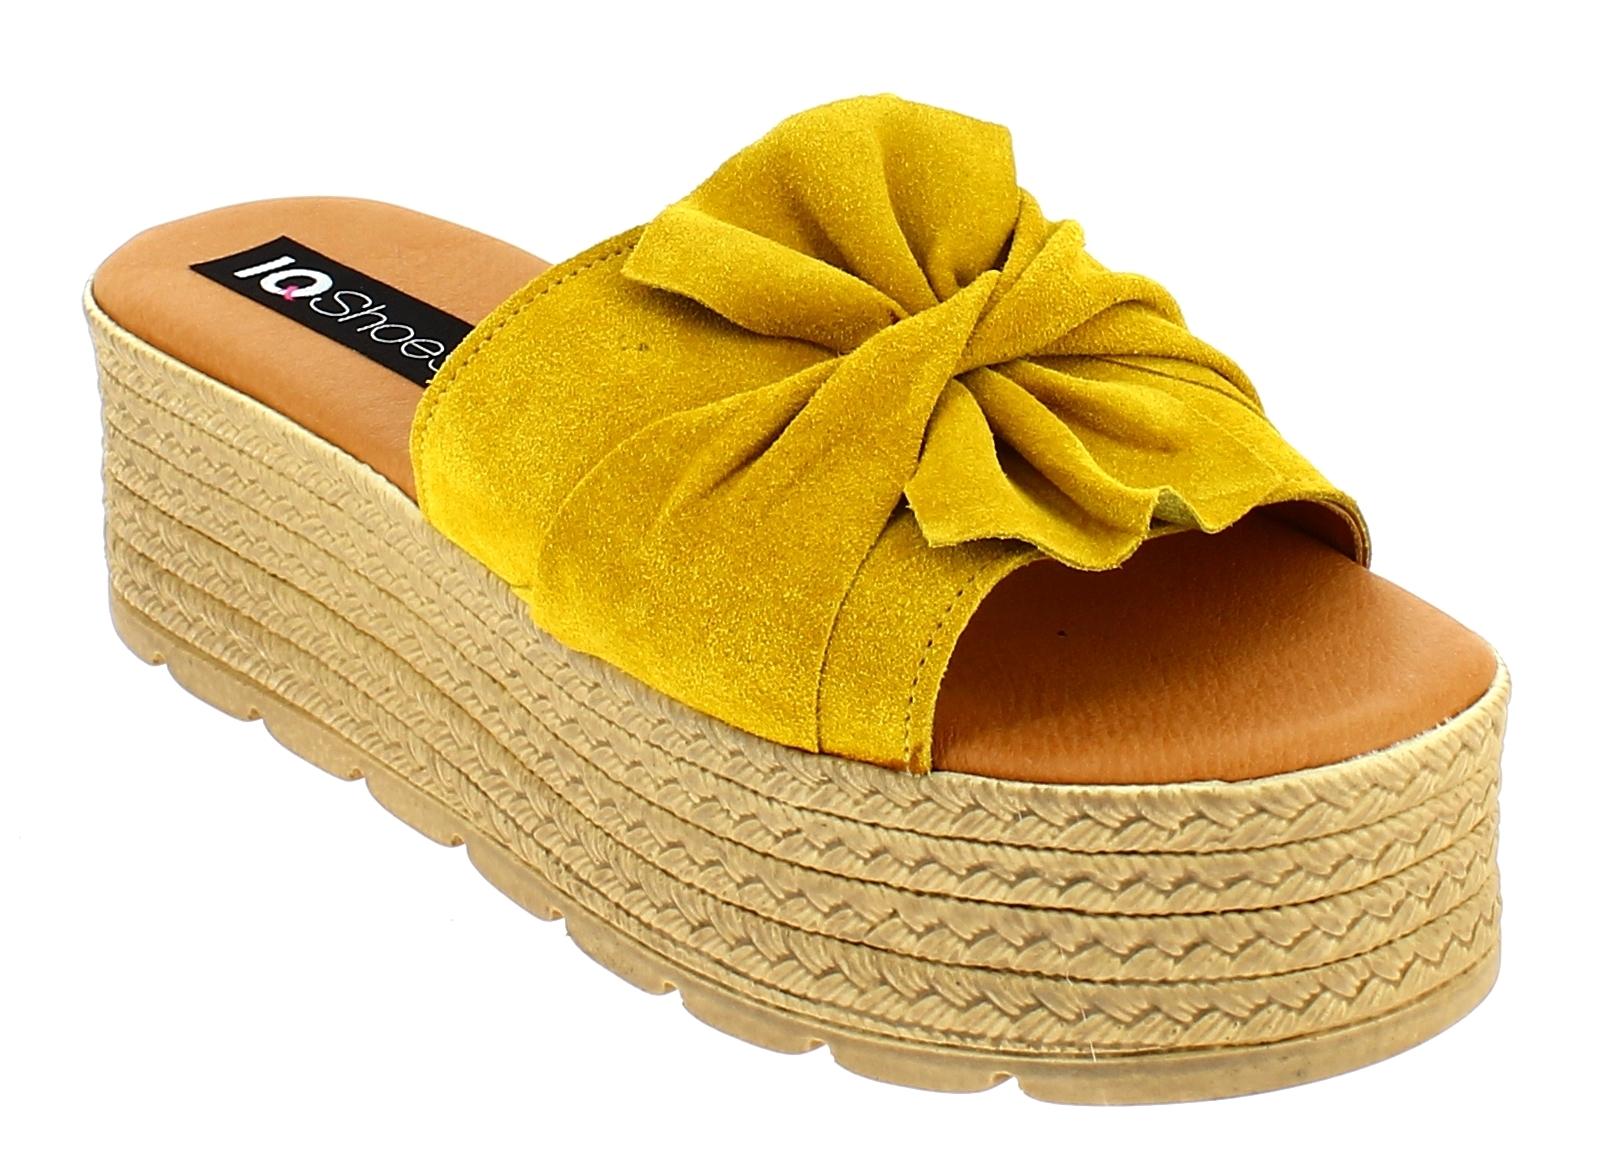 IQSHOES Γυναικείο Flatform 77.653 Κίτρινο - IqShoes - 77.653 YELLOW-IQSHOES-yell παπούτσια  γυναικεία σανδάλια   πέδιλα